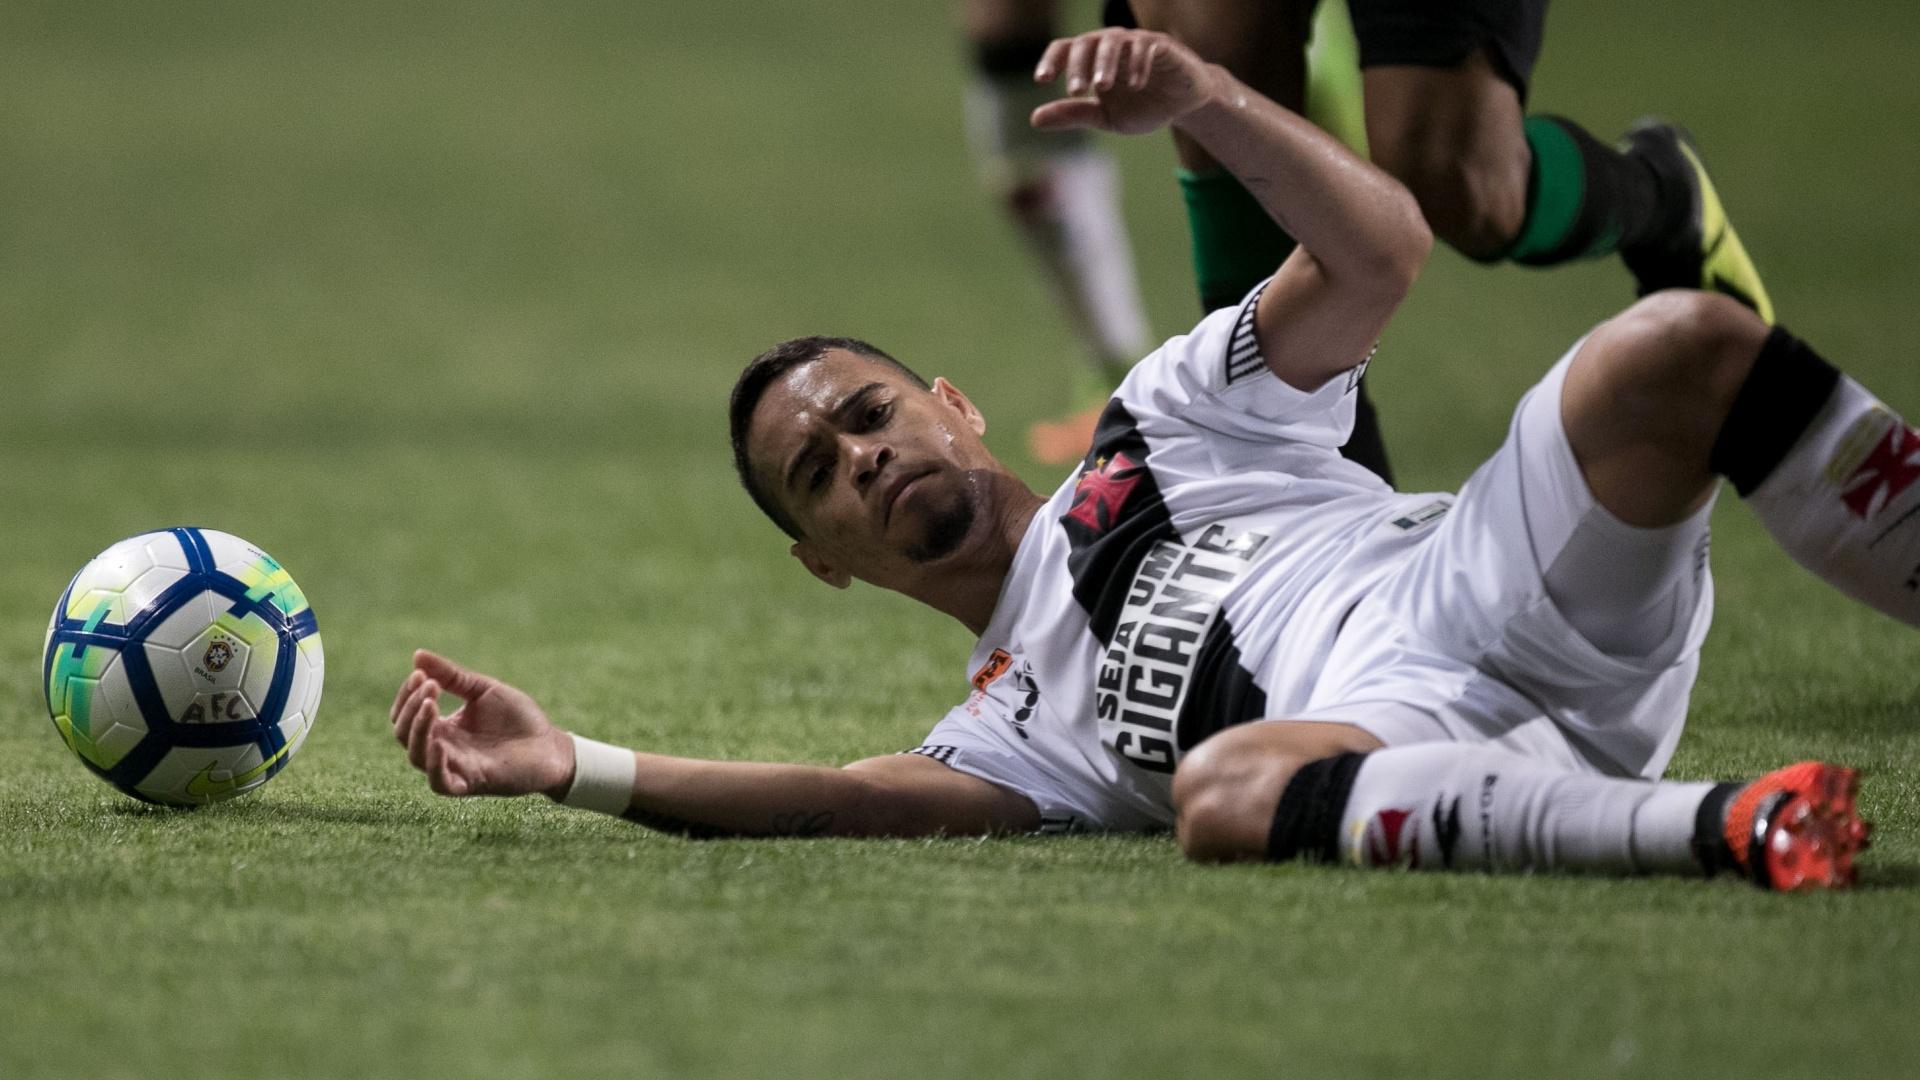 Yago Pikachu lamenta chance perdida em jogo entre Vasco e América-MG